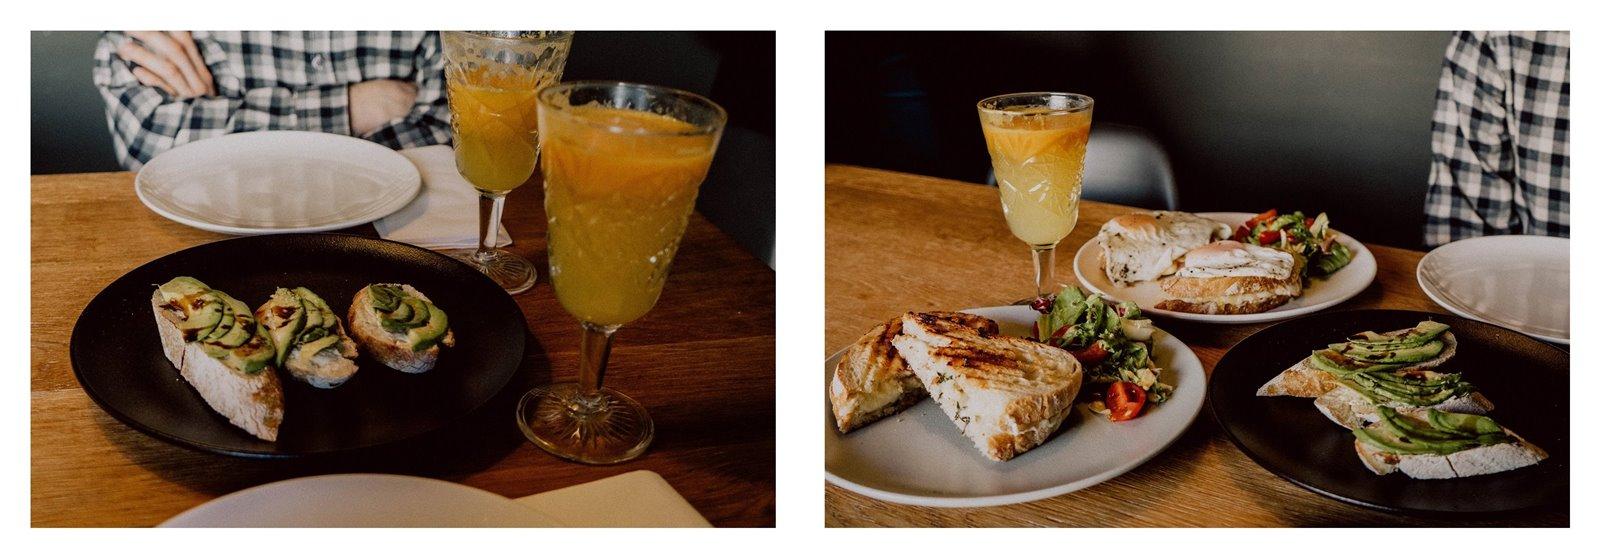 3a MONTAG bistro piekarnia najlepszy świeży chleb pieczywo w łodzi gdzie zjeść śniadania w łodzi, dobre jedzenie lunch ciekawe restauracje w Łodzi na śniadanie rano jedzenie